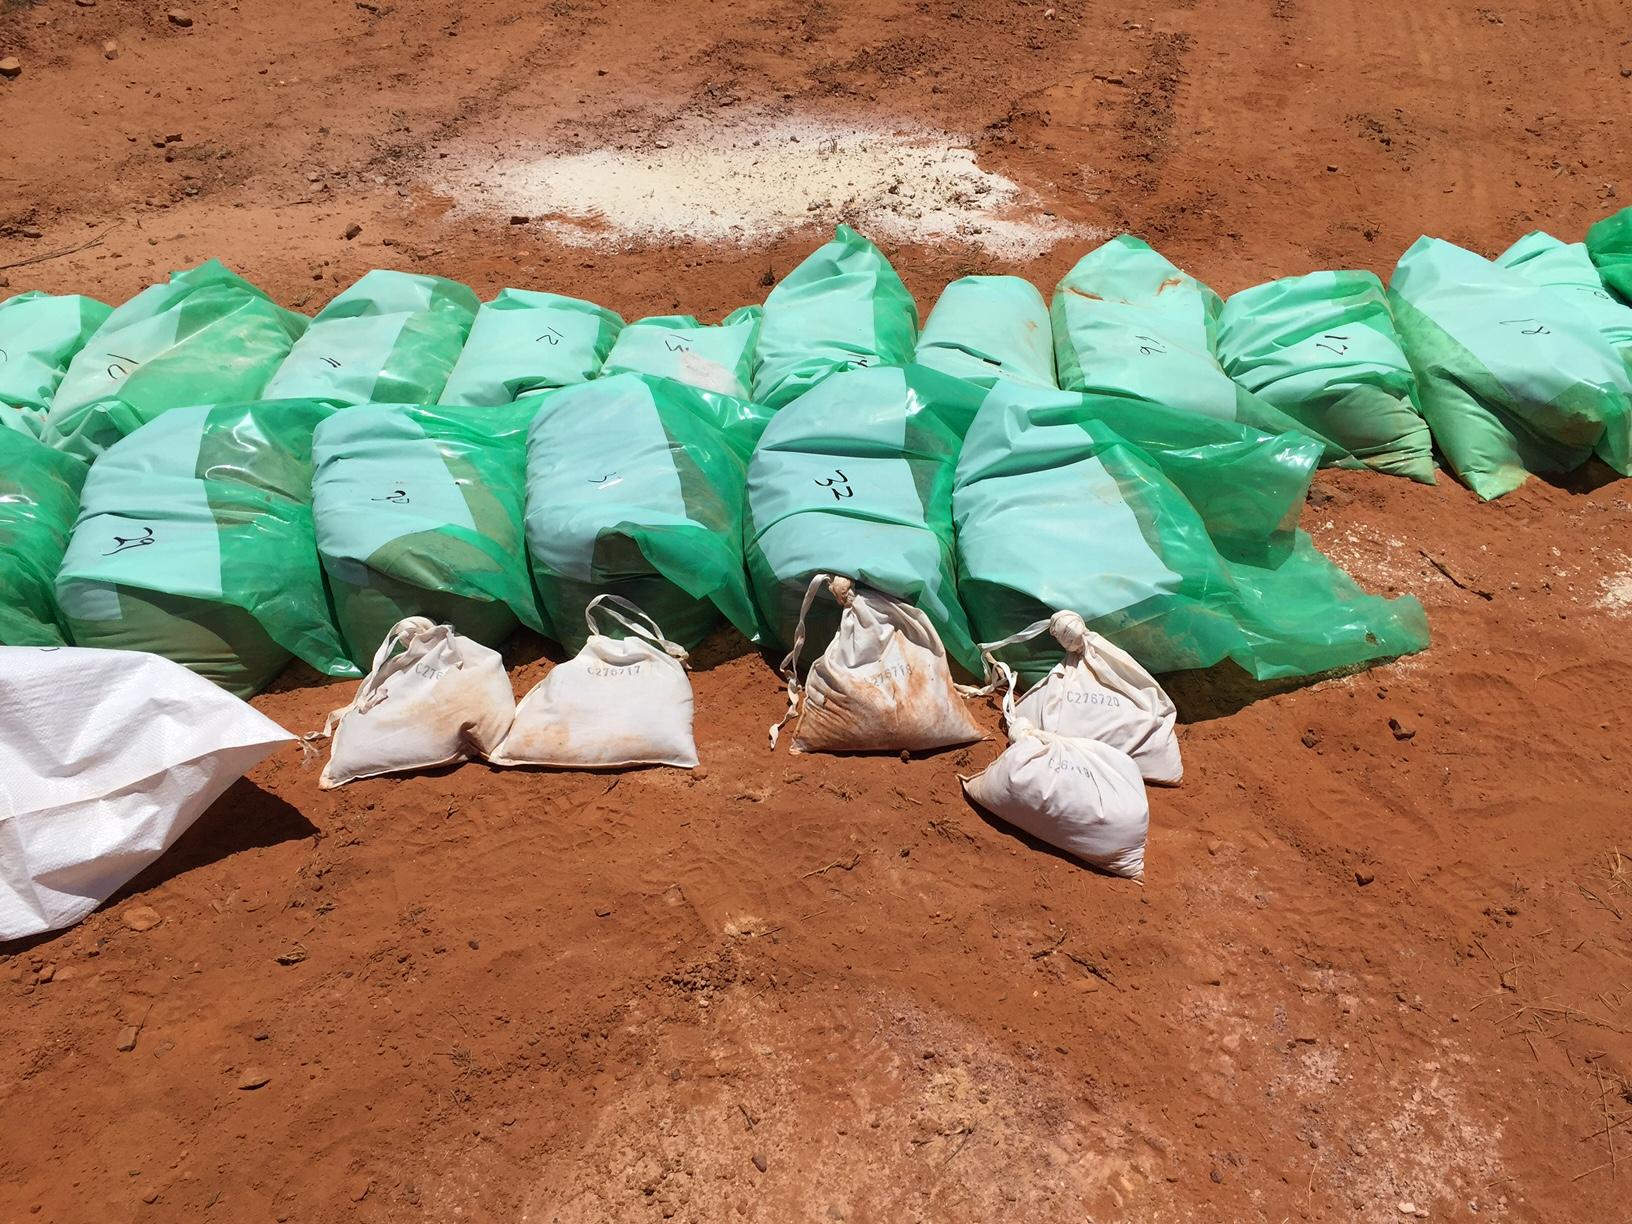 Green Bags in Field